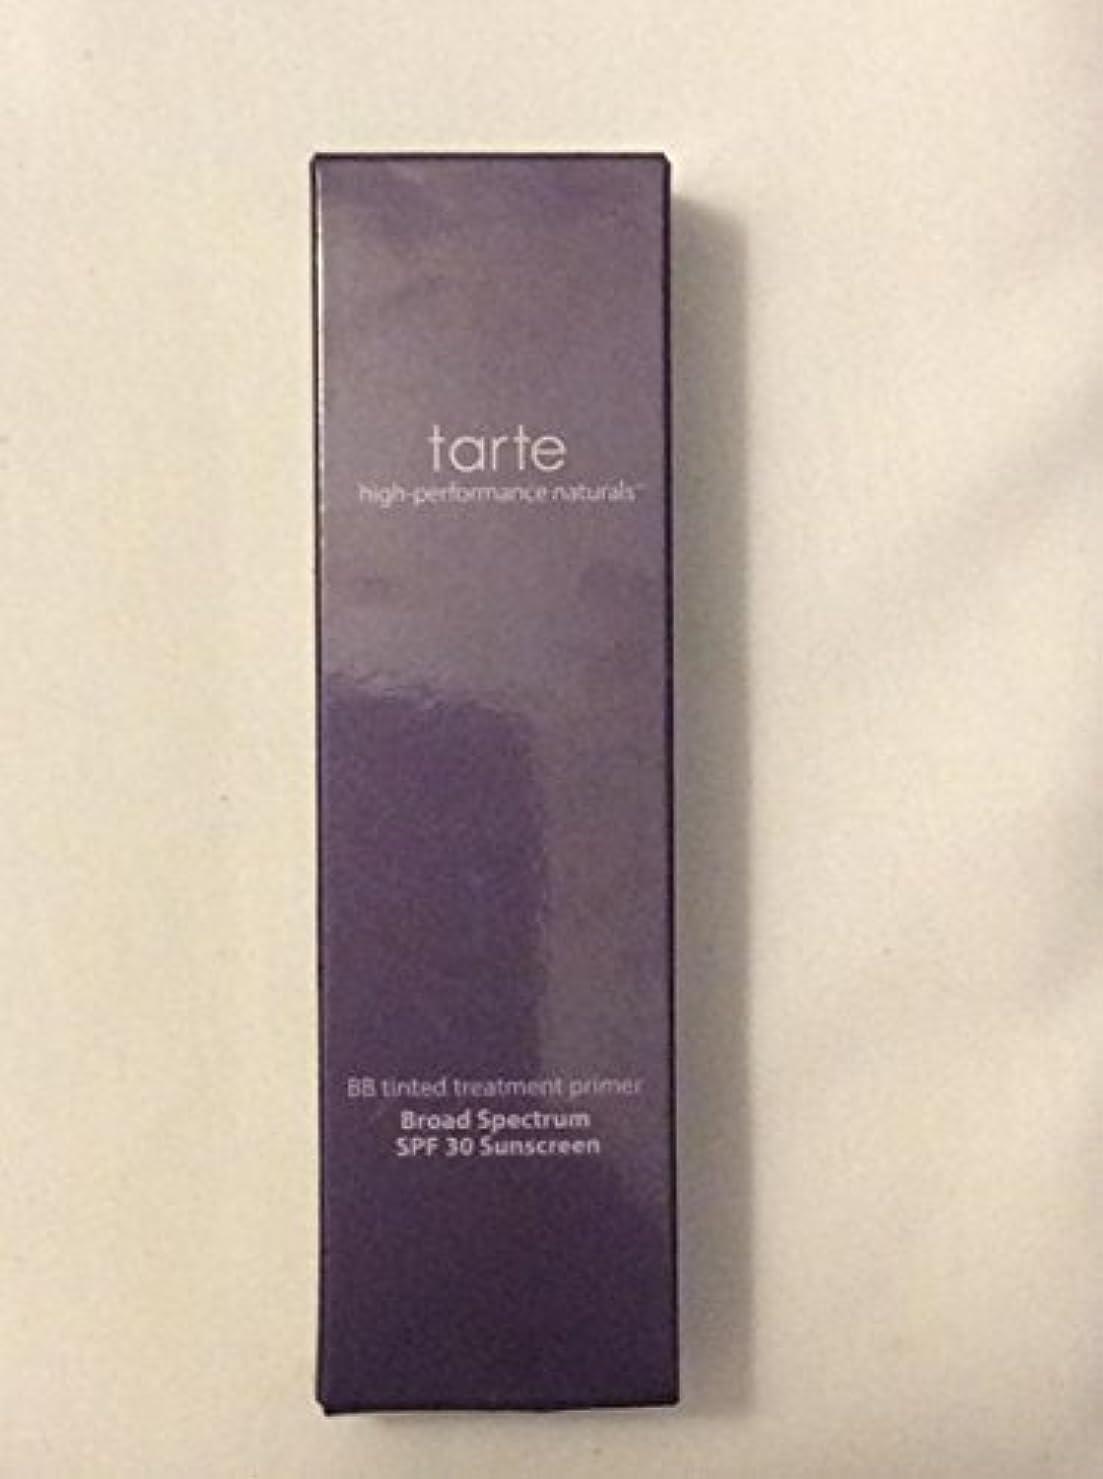 商人石の差別tarte BB tinted treatment 12-hour primer SPF 30 Medium